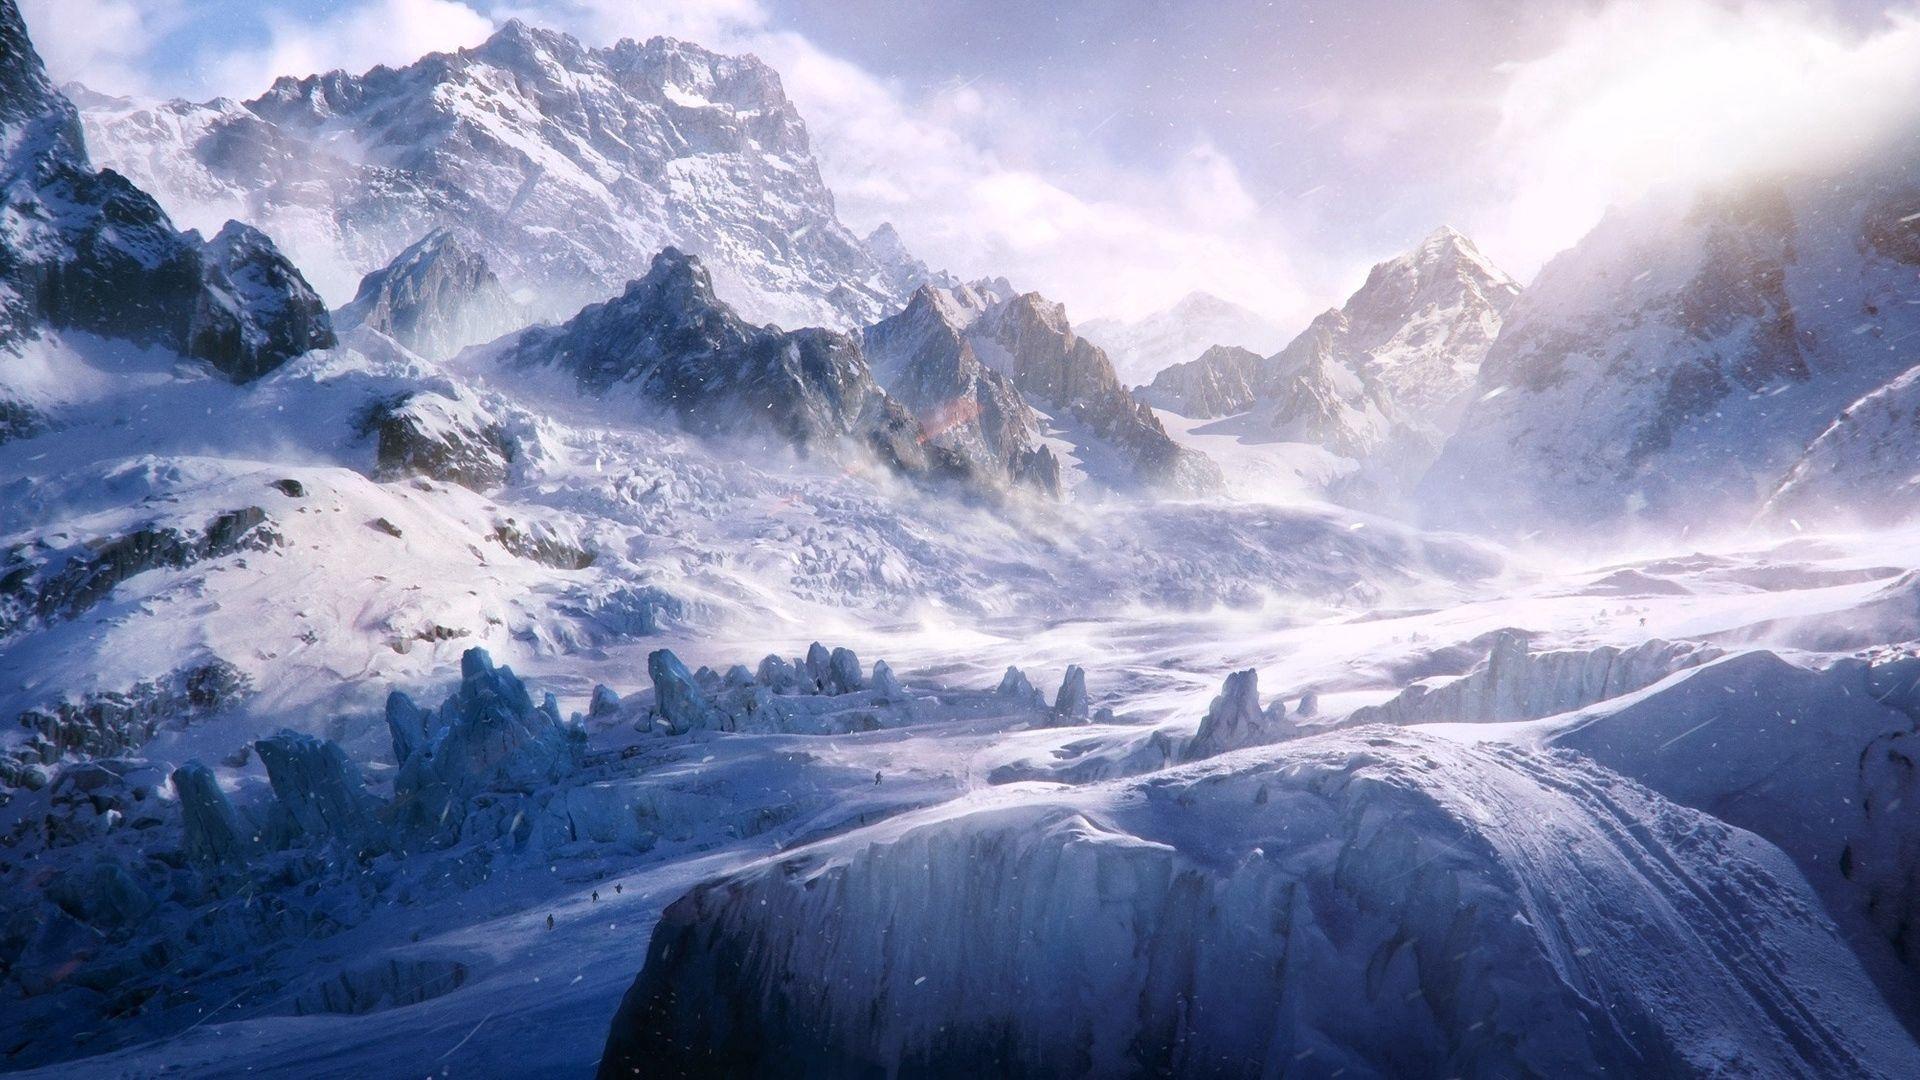 92855 скачать обои Природа, Вершины, Снежные, Холод, Метель, Ветер, Горы - заставки и картинки бесплатно